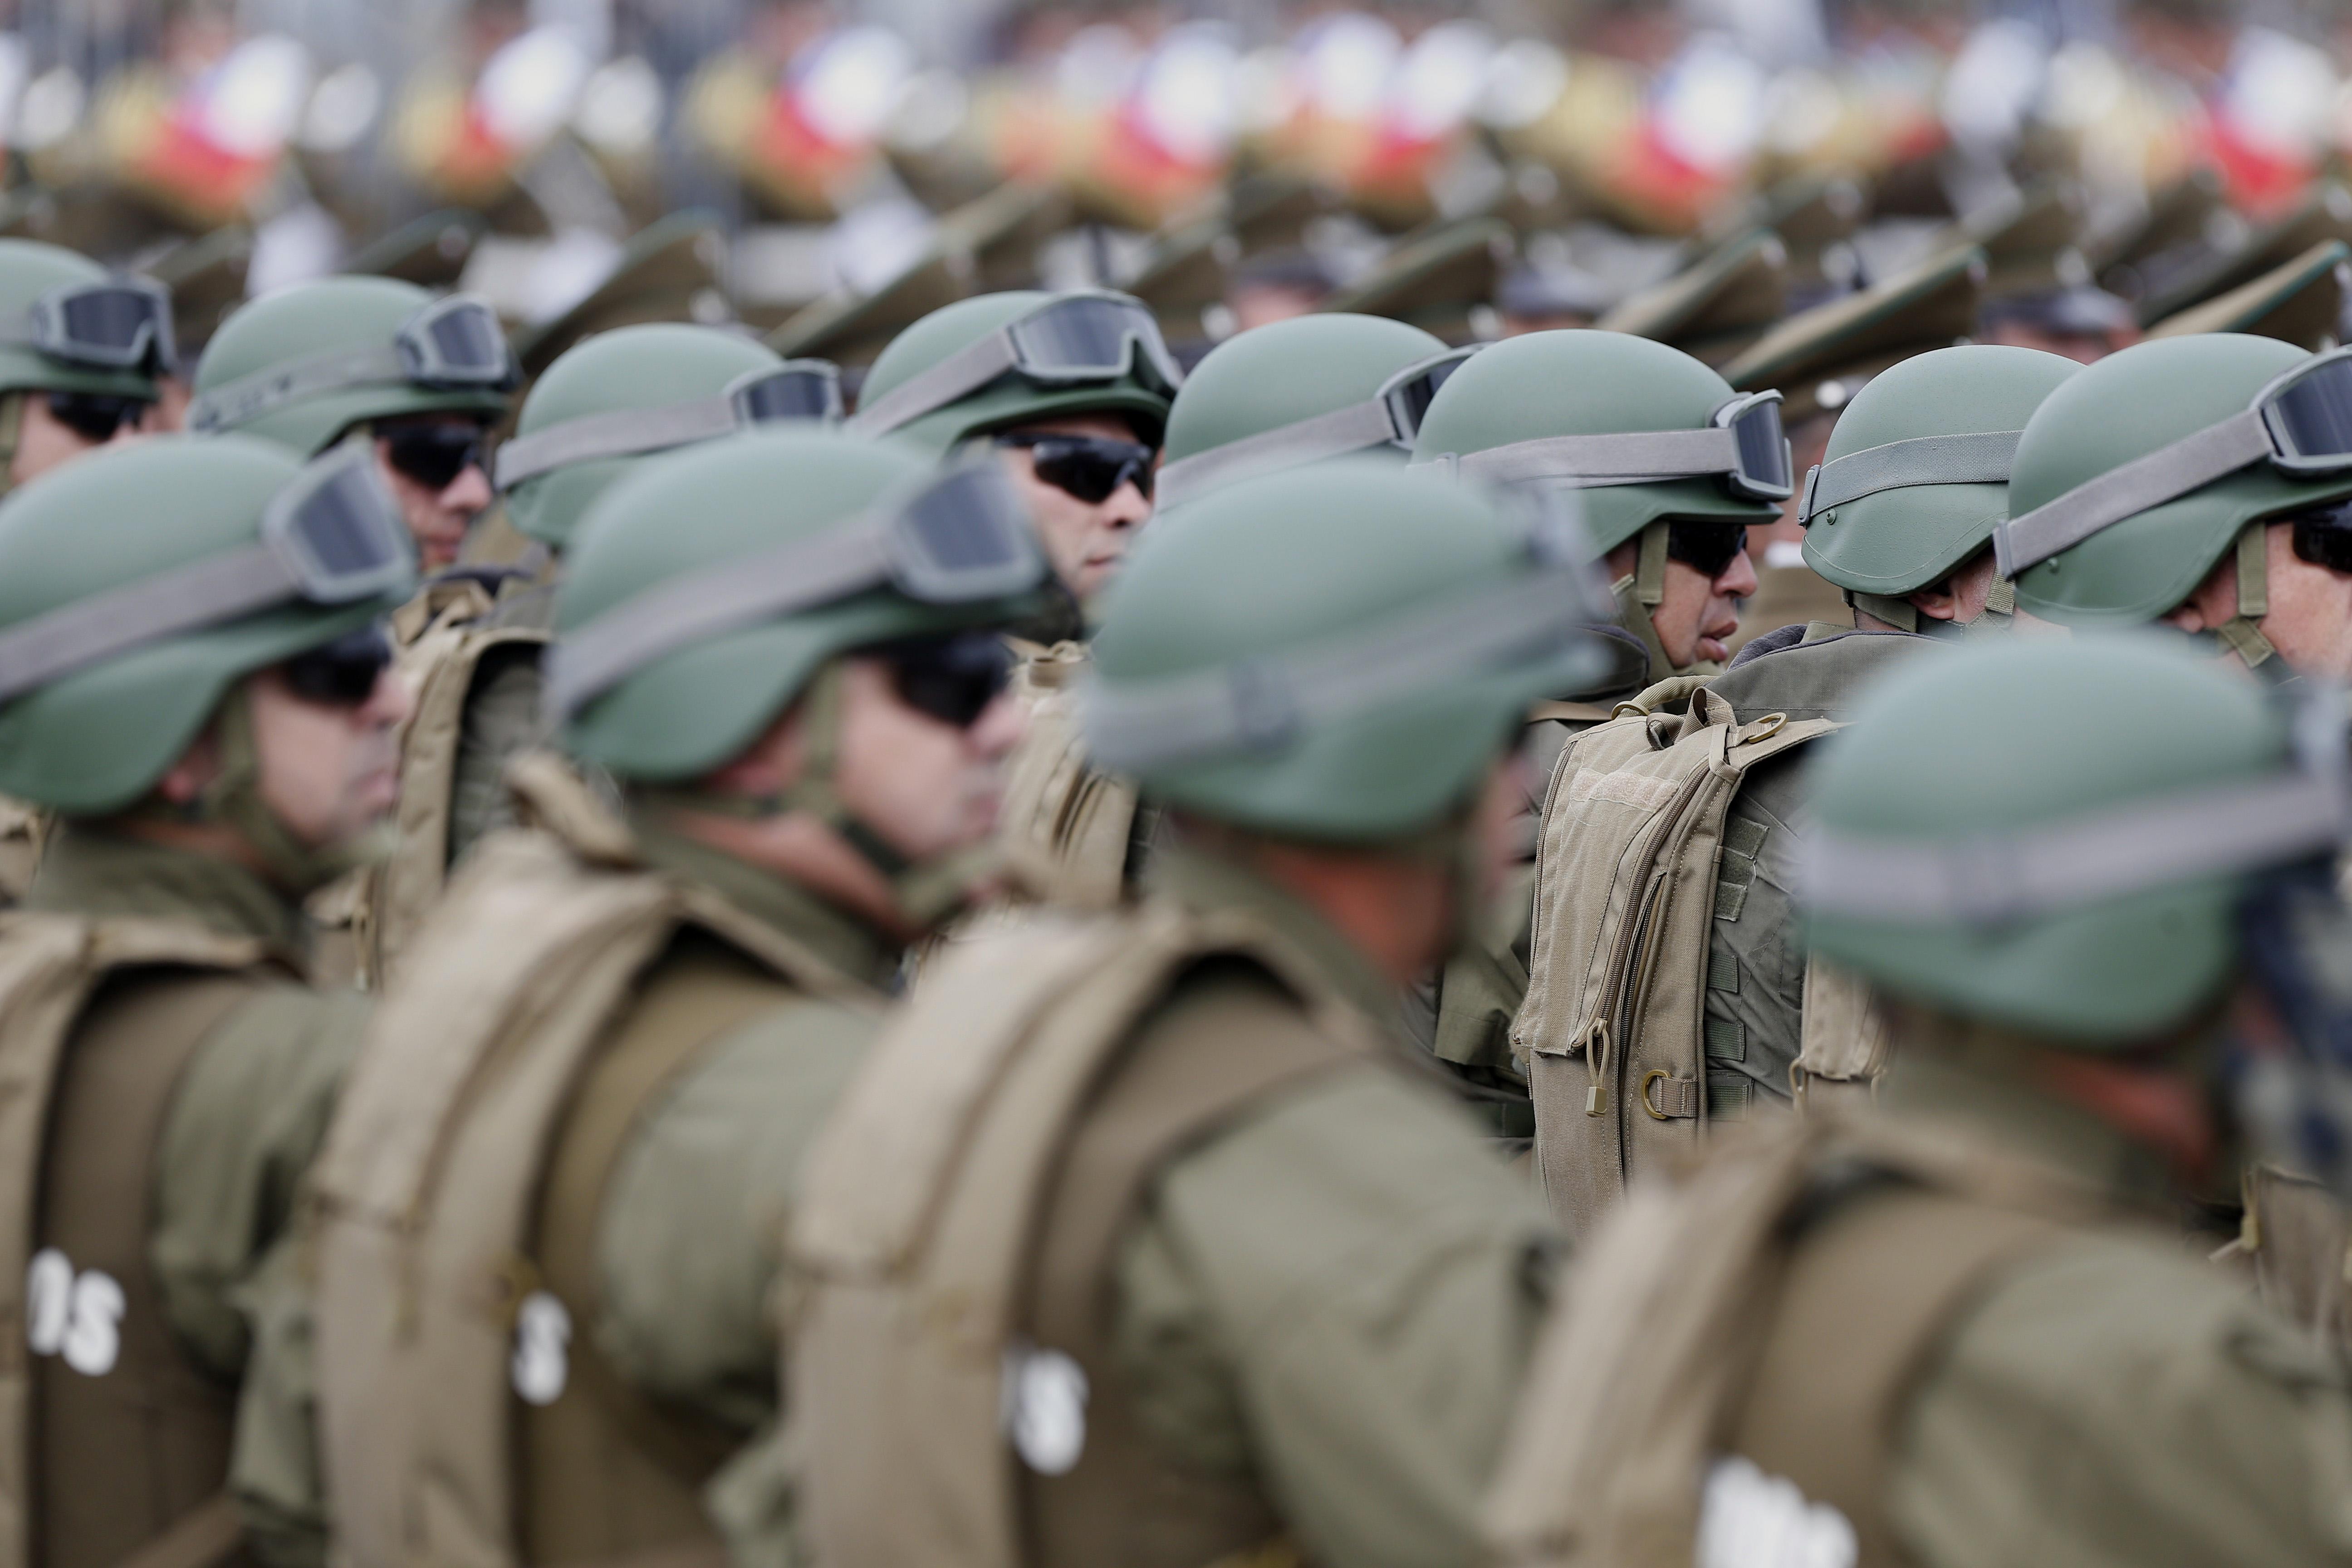 Acusó problemas psiquiátricos: suspenden audiencia de formalización de involucrada en fraude del Ejército